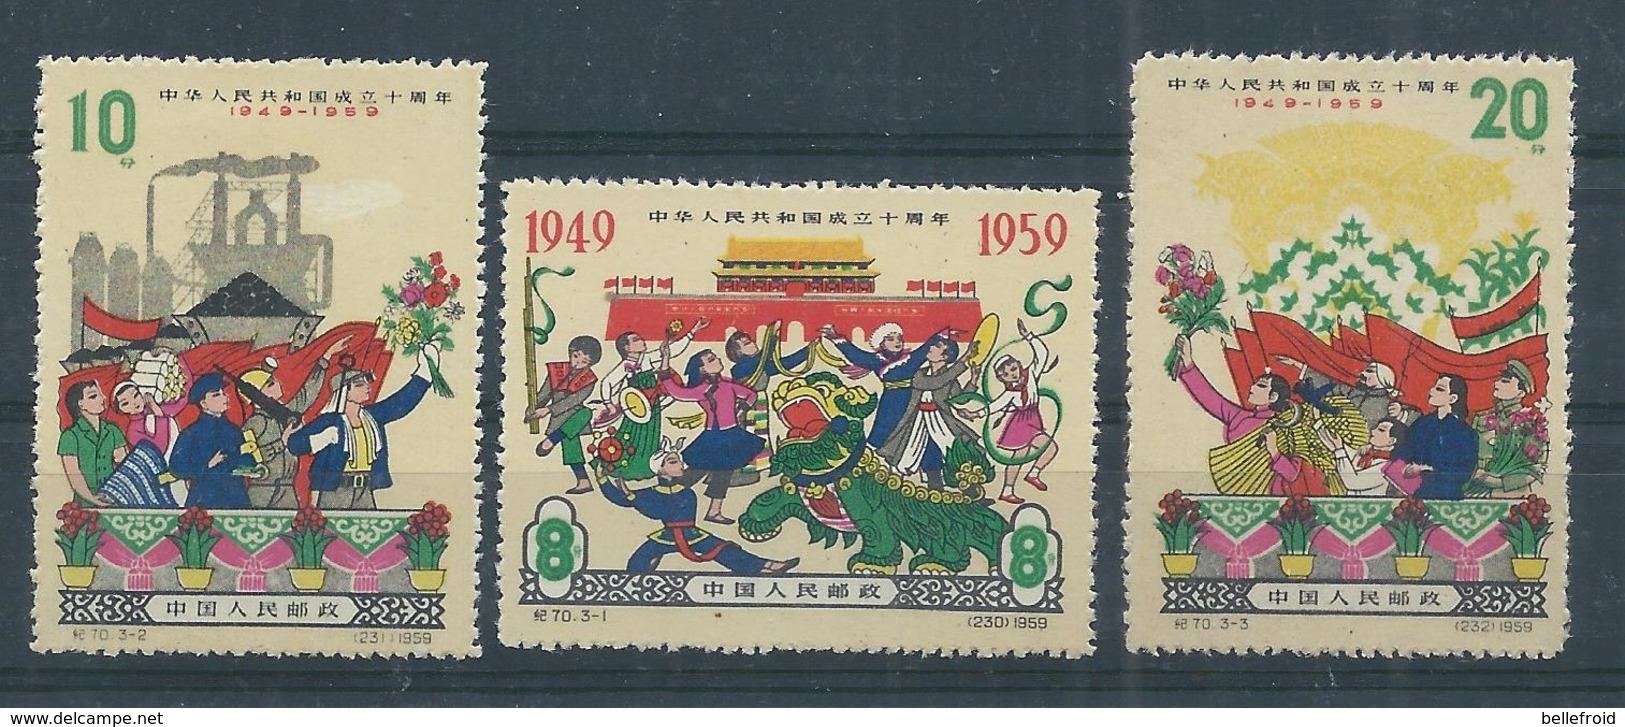 1959 CHINA 10TH ANN OF PRC C70 COMPLETE SET NGAI MINT LH - 1949 - ... République Populaire